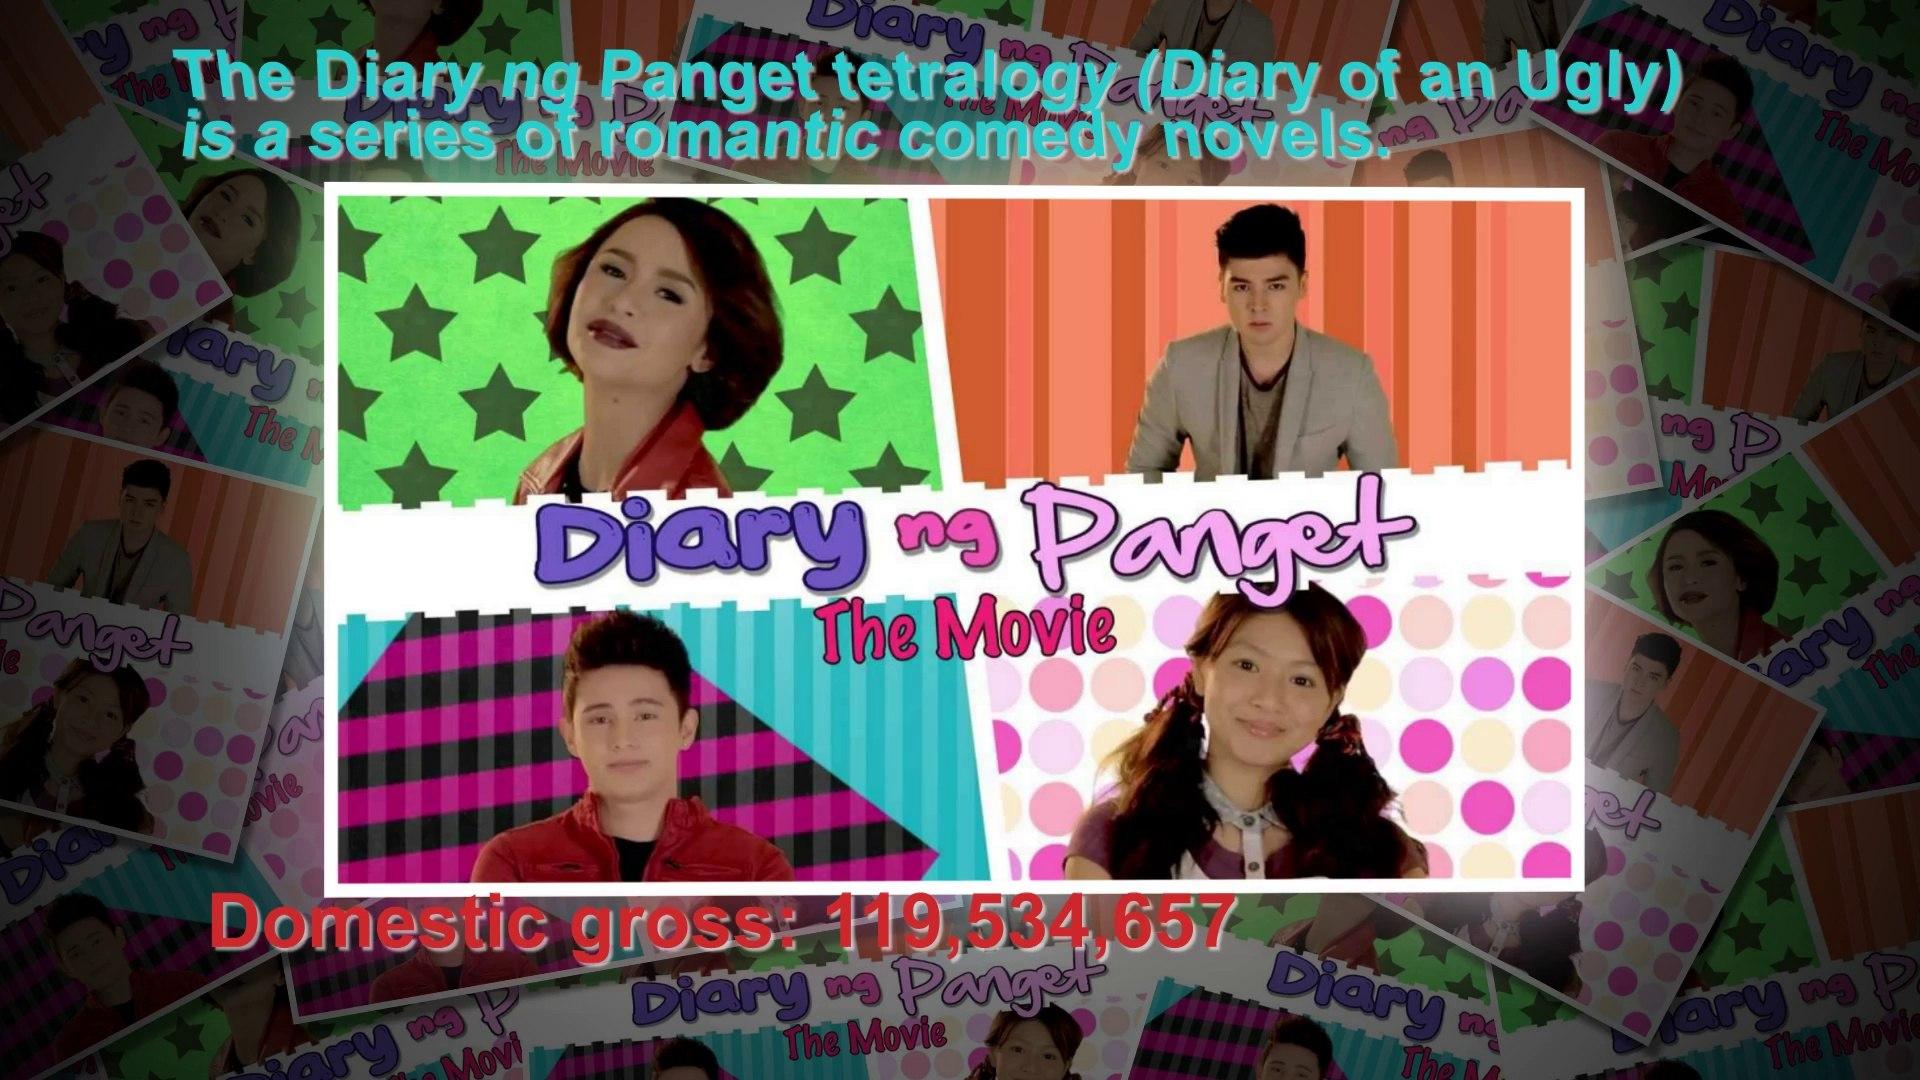 Tagalog Movies - Pinoy movies 2014